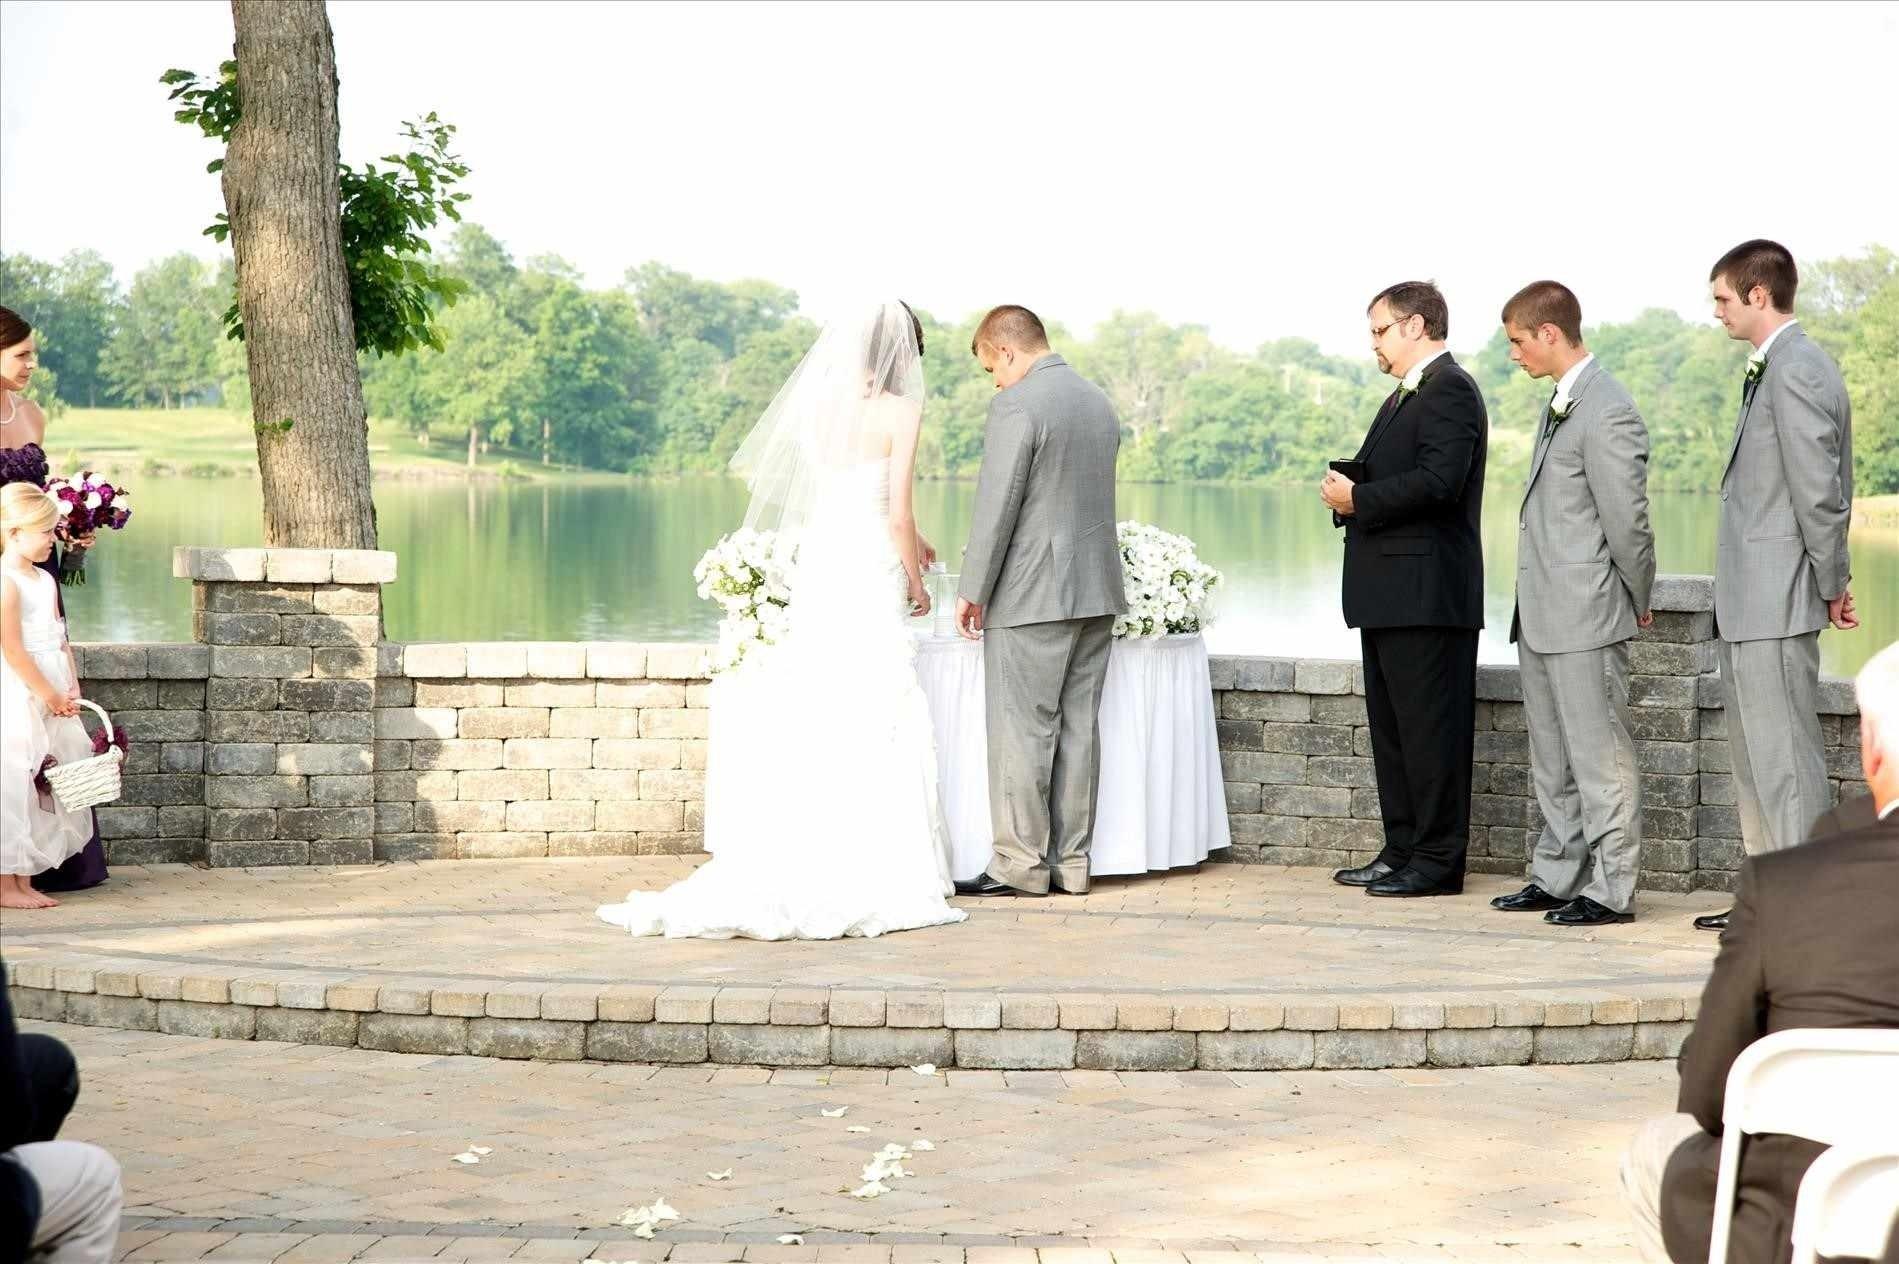 10 Stylish Wedding Ceremony Ideas Instead Of Unity Candle belt ways to celebrate your blended family practical ways wedding 2021